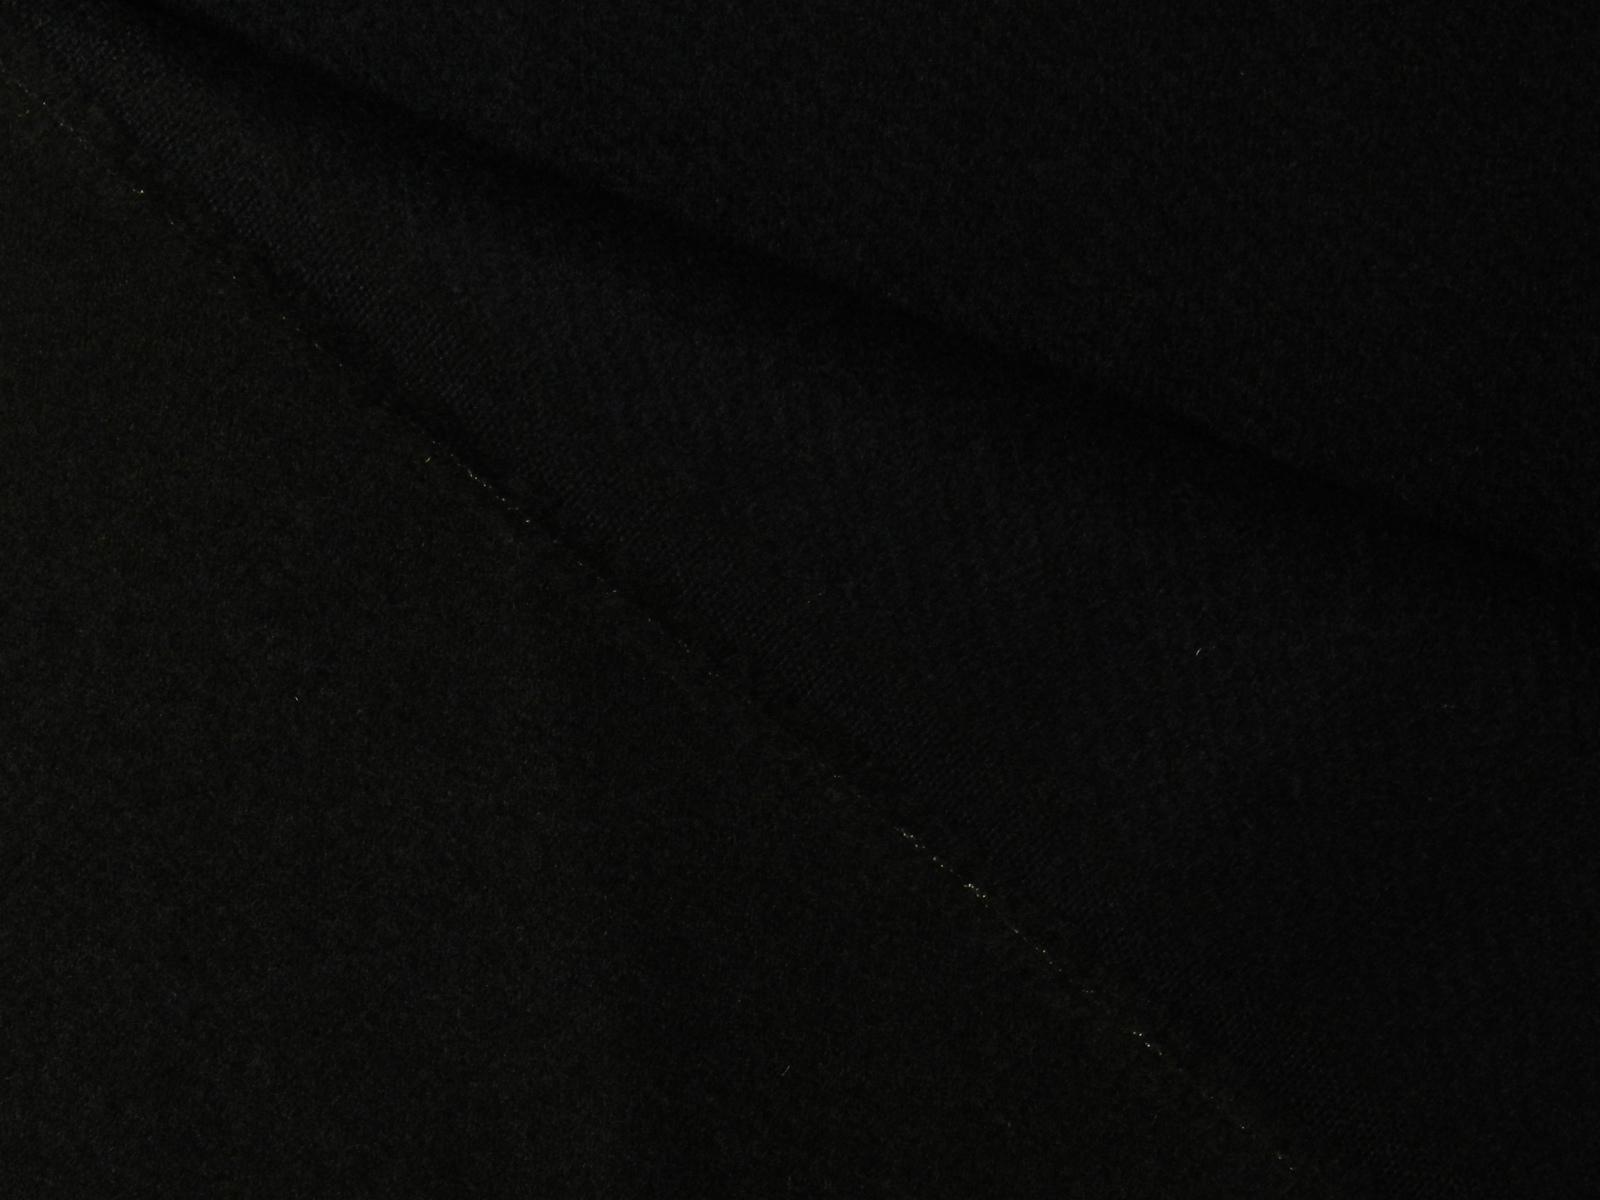 LORO PIANA(ロロ・ピアーナ) / ITALY / ウール / カシミア / ブラック 系 / 織り柄 系